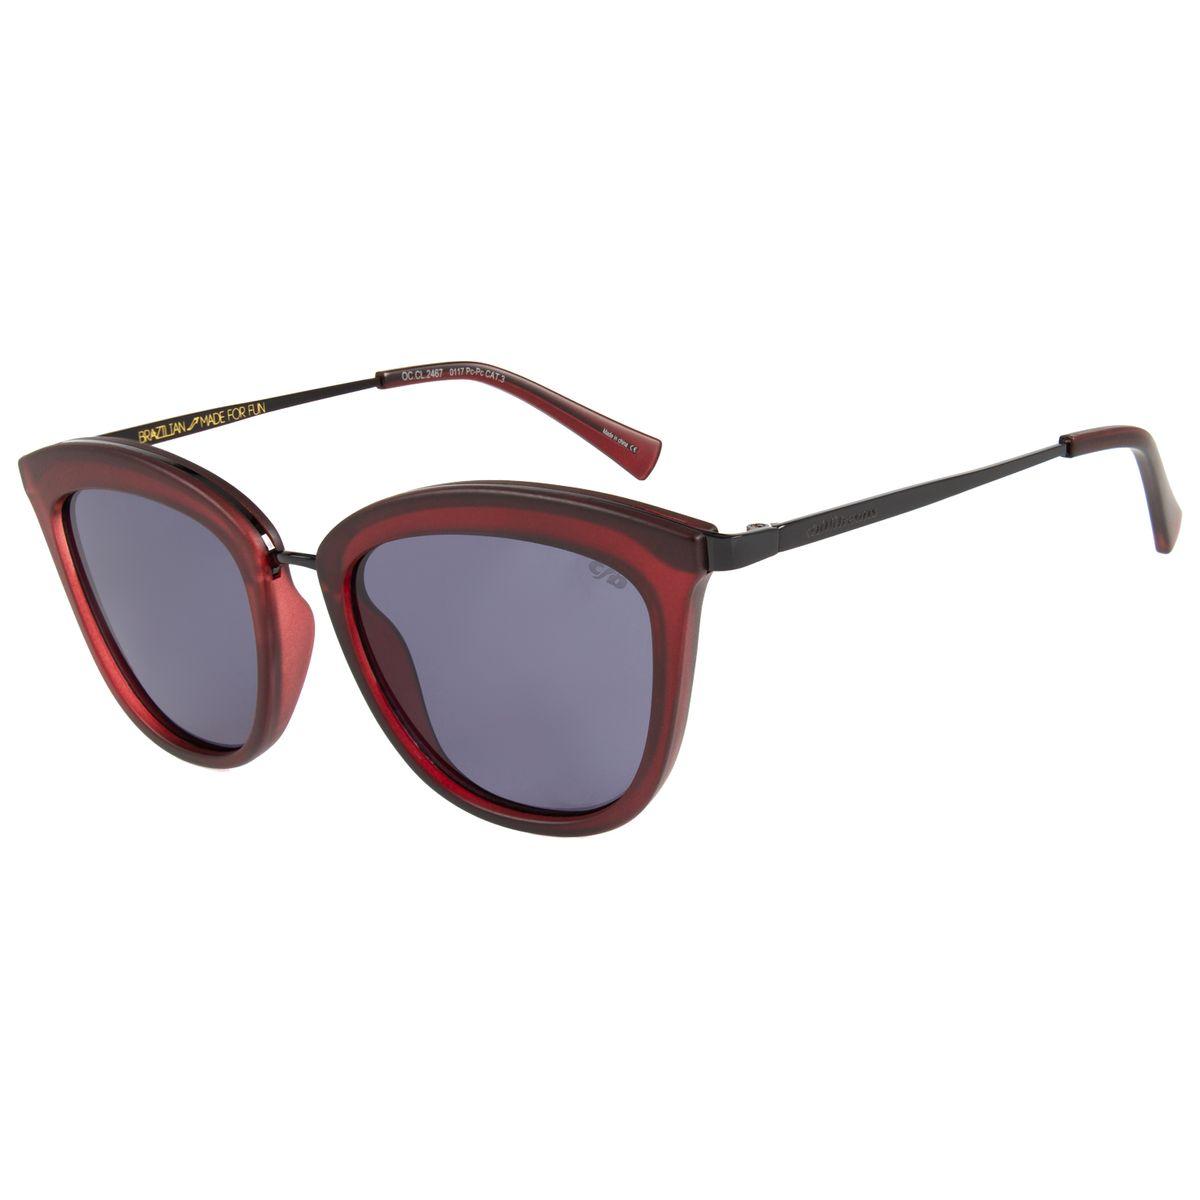 969bc1a45 Óculos de Sol Feminino Chilli Beans Vinho 2467 - OC.CL.2467.0117 M. REF:  OC.CL.2467.0117. OC.